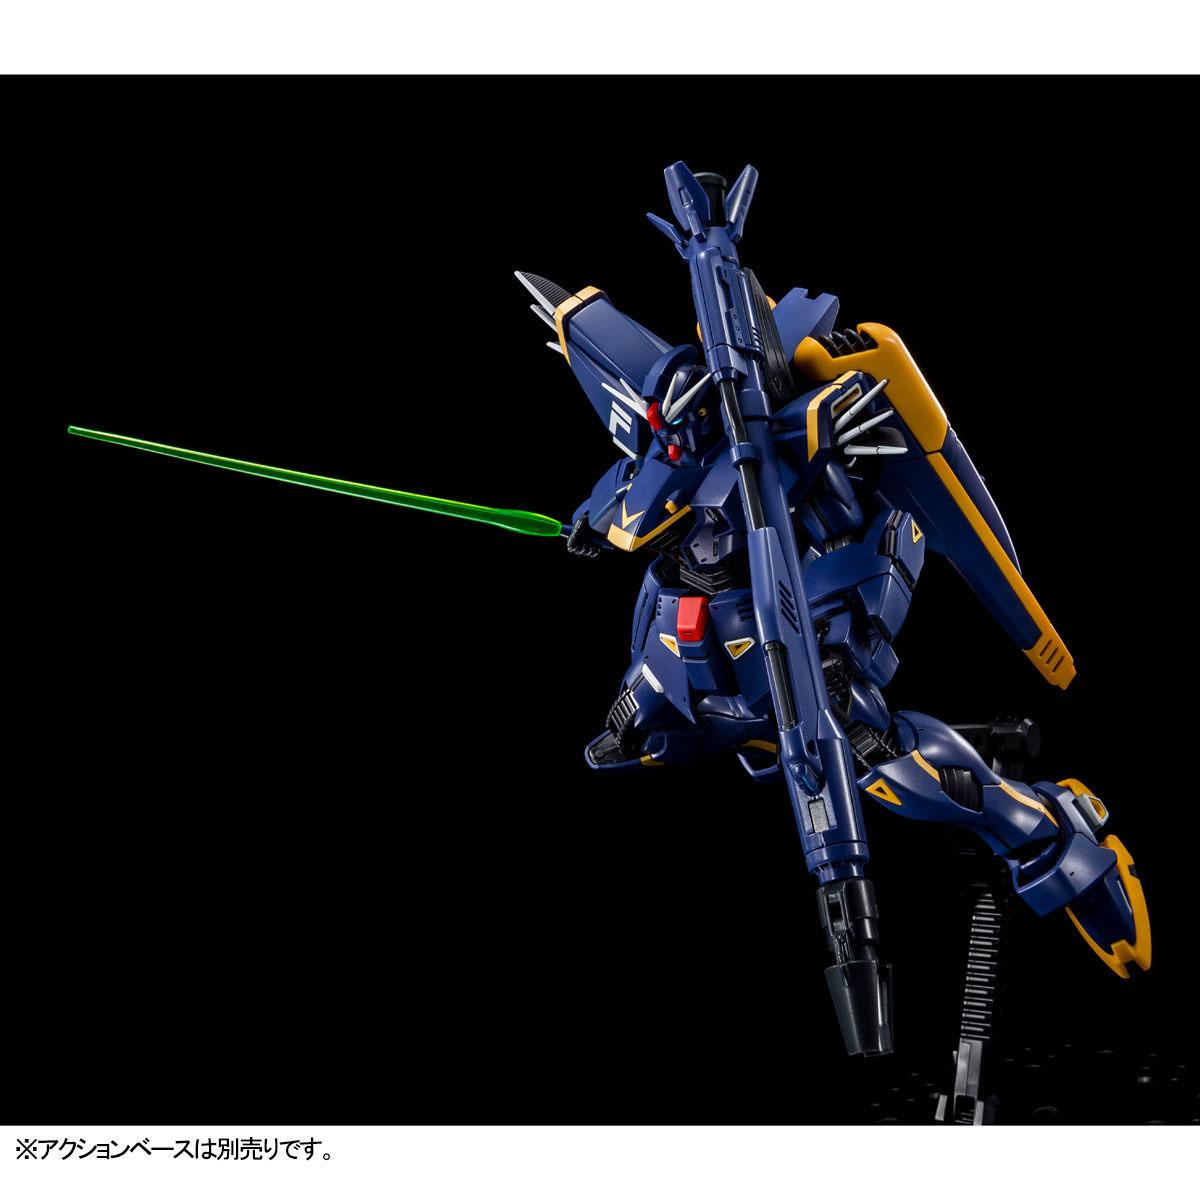 【限定販売】MG 1/100『ガンダムF91 Ver.2.0(ハリソン・マディン専用機)』プラモデル-005